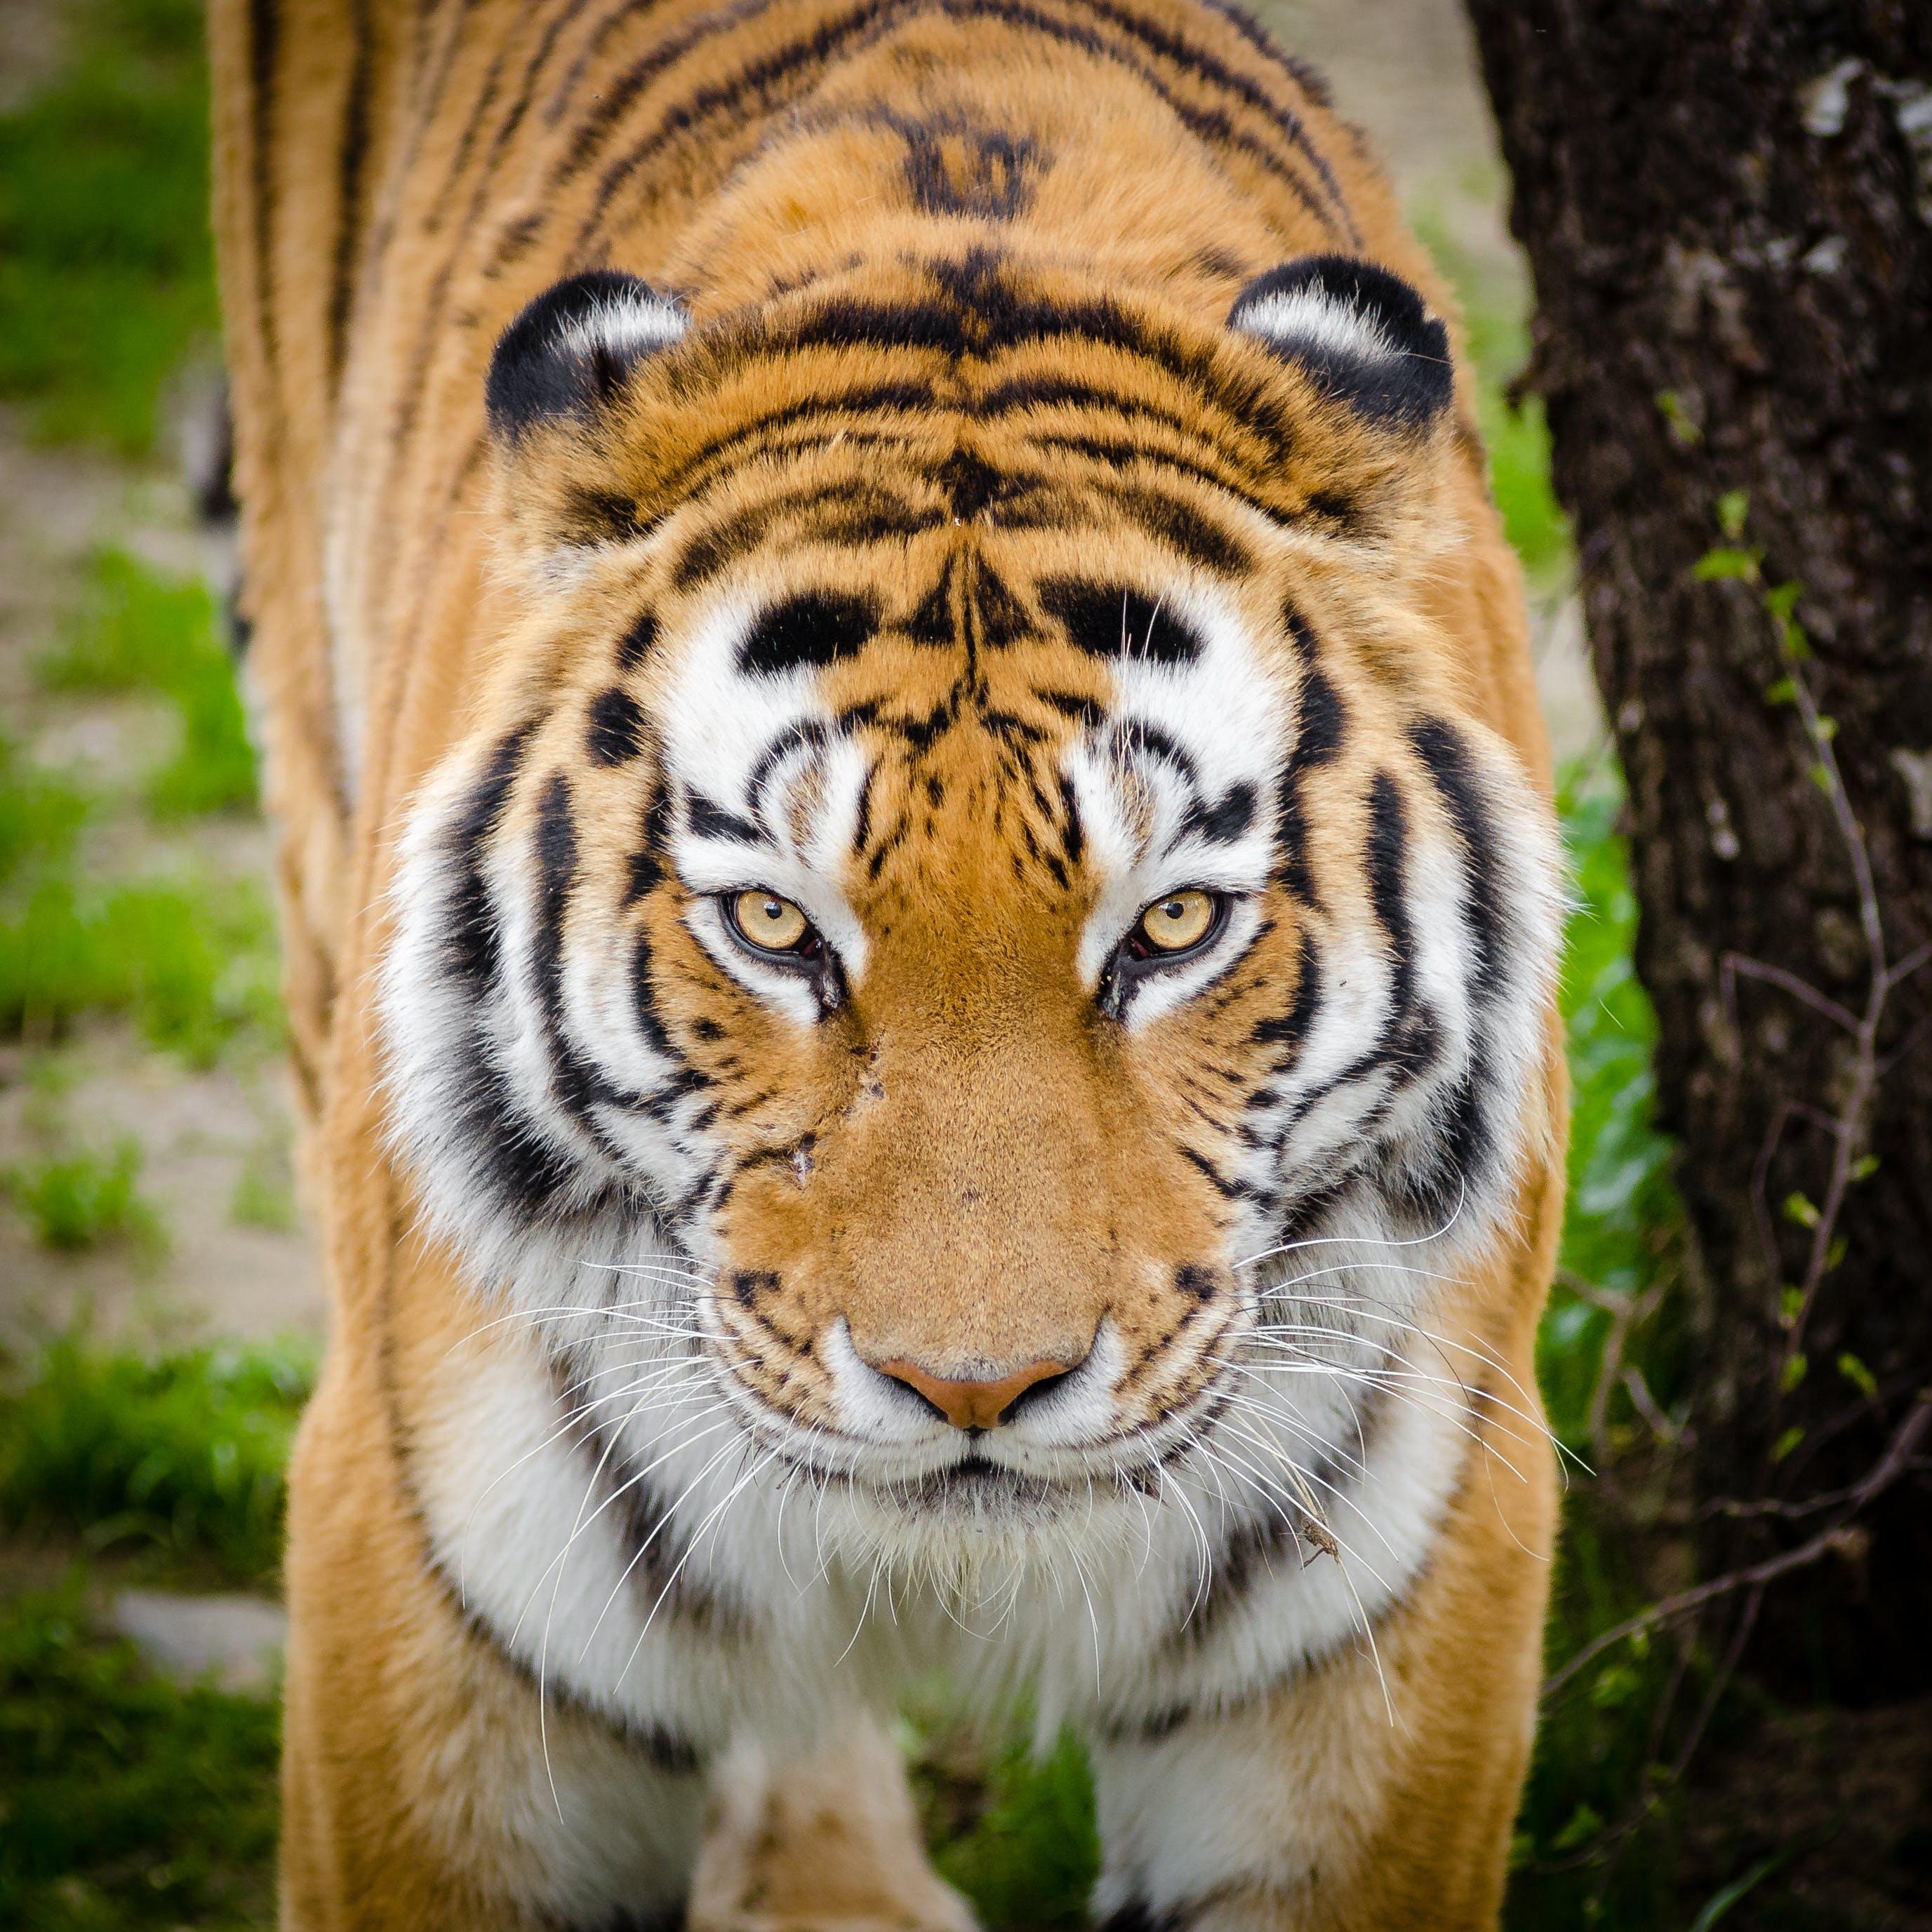 Kostenloses Stock Foto zu borke, felidae, fleischfresser, große katze